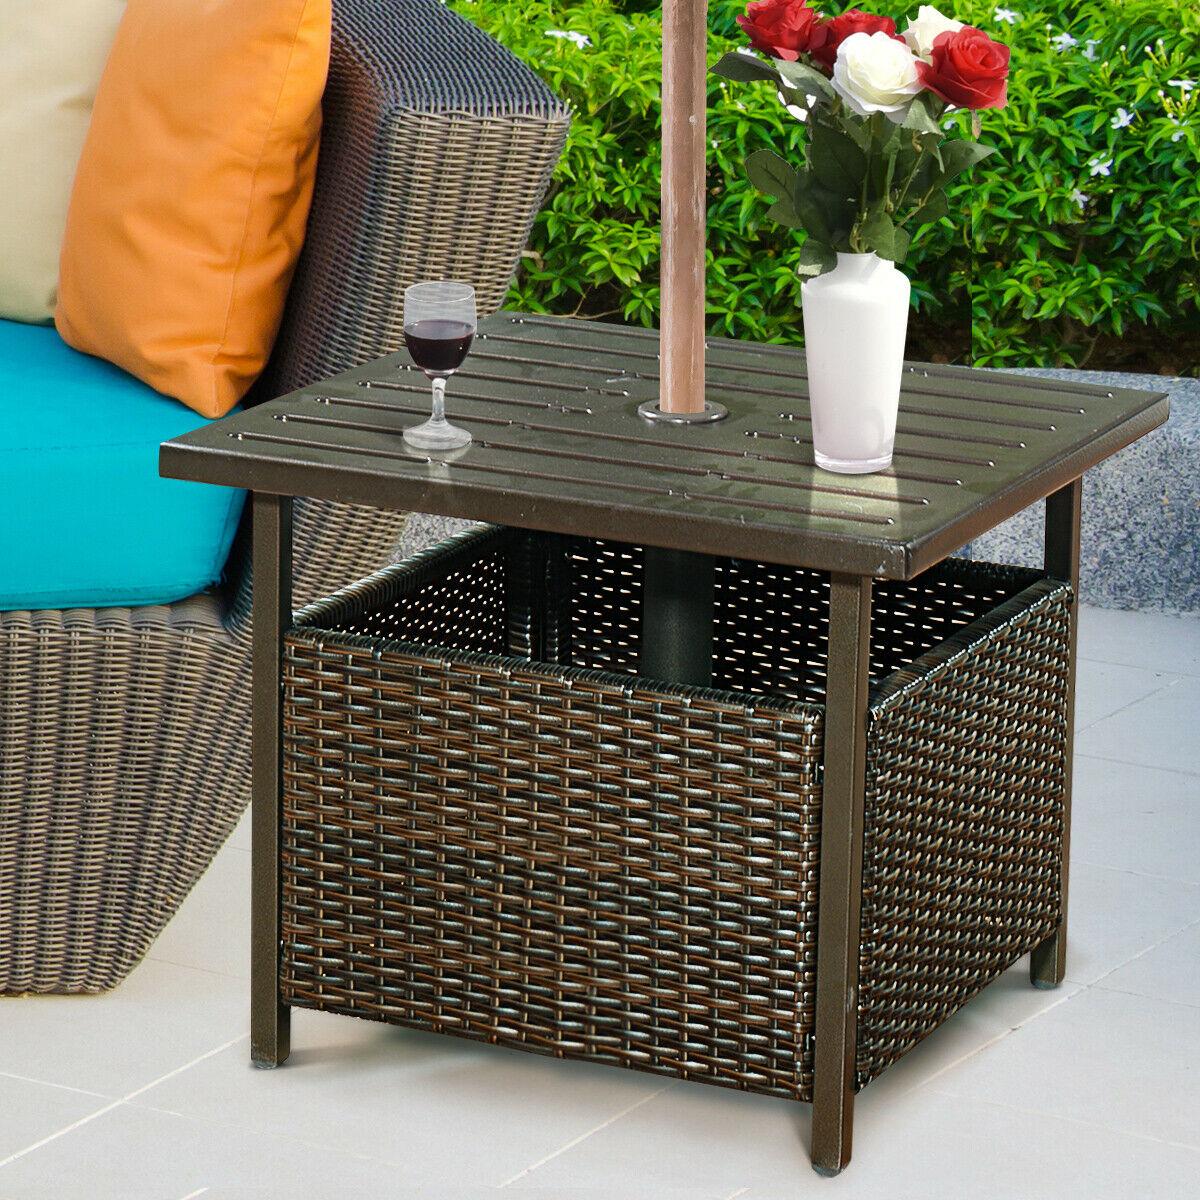 costway brown rattan wicker steel side table outdoor furniture deck garden patio pool hw52881